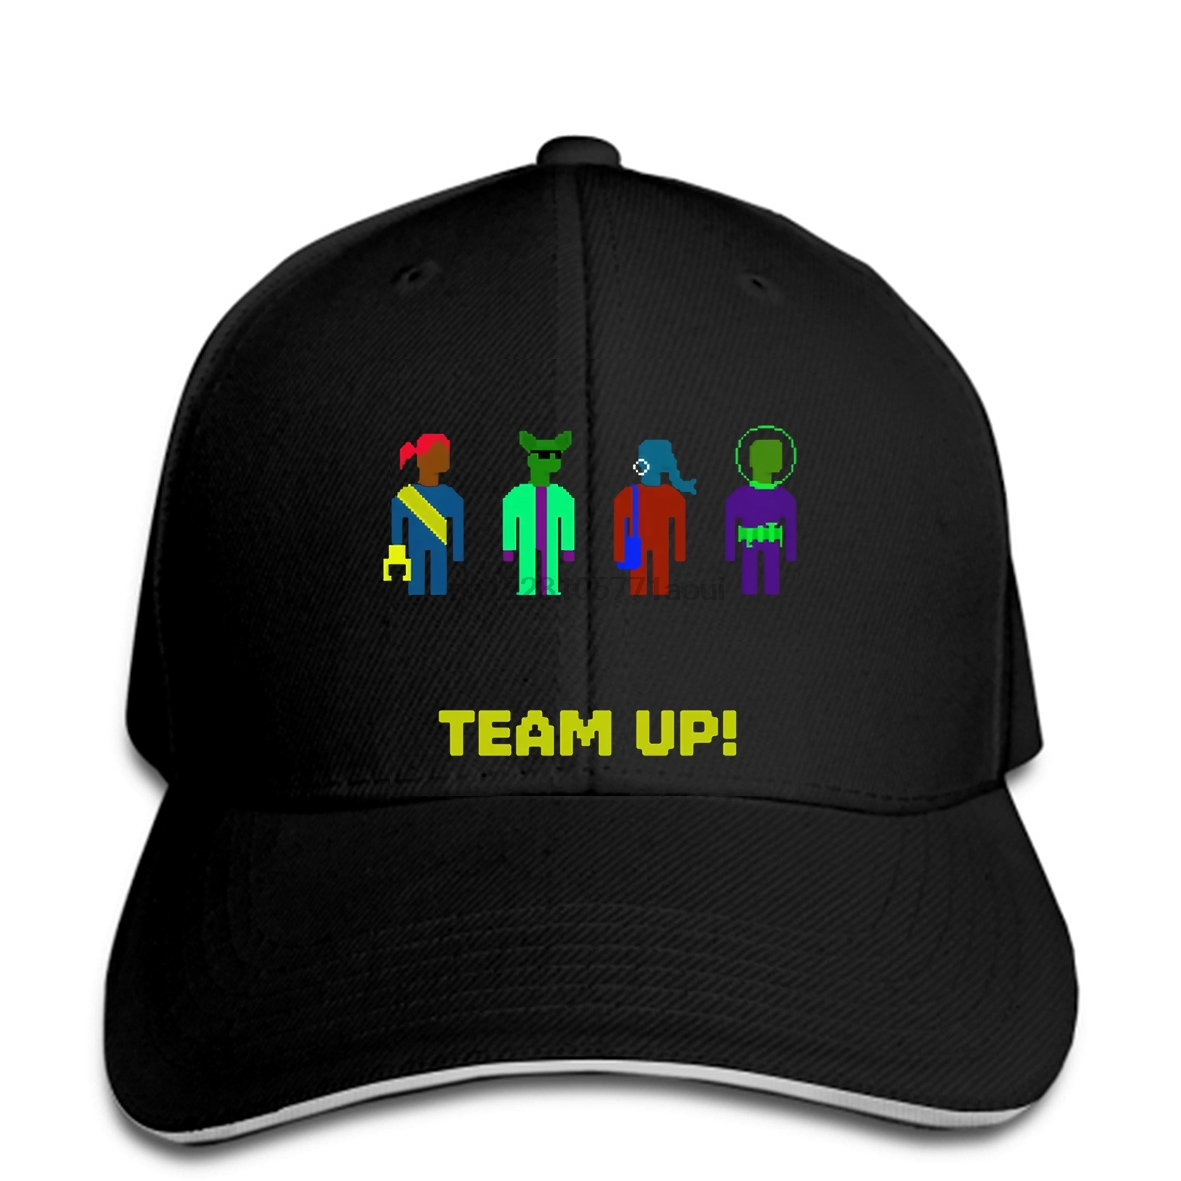 Baseball cap Custom Printed Men Print hat Spaceteam Team Up! snapback Women Baseball caps